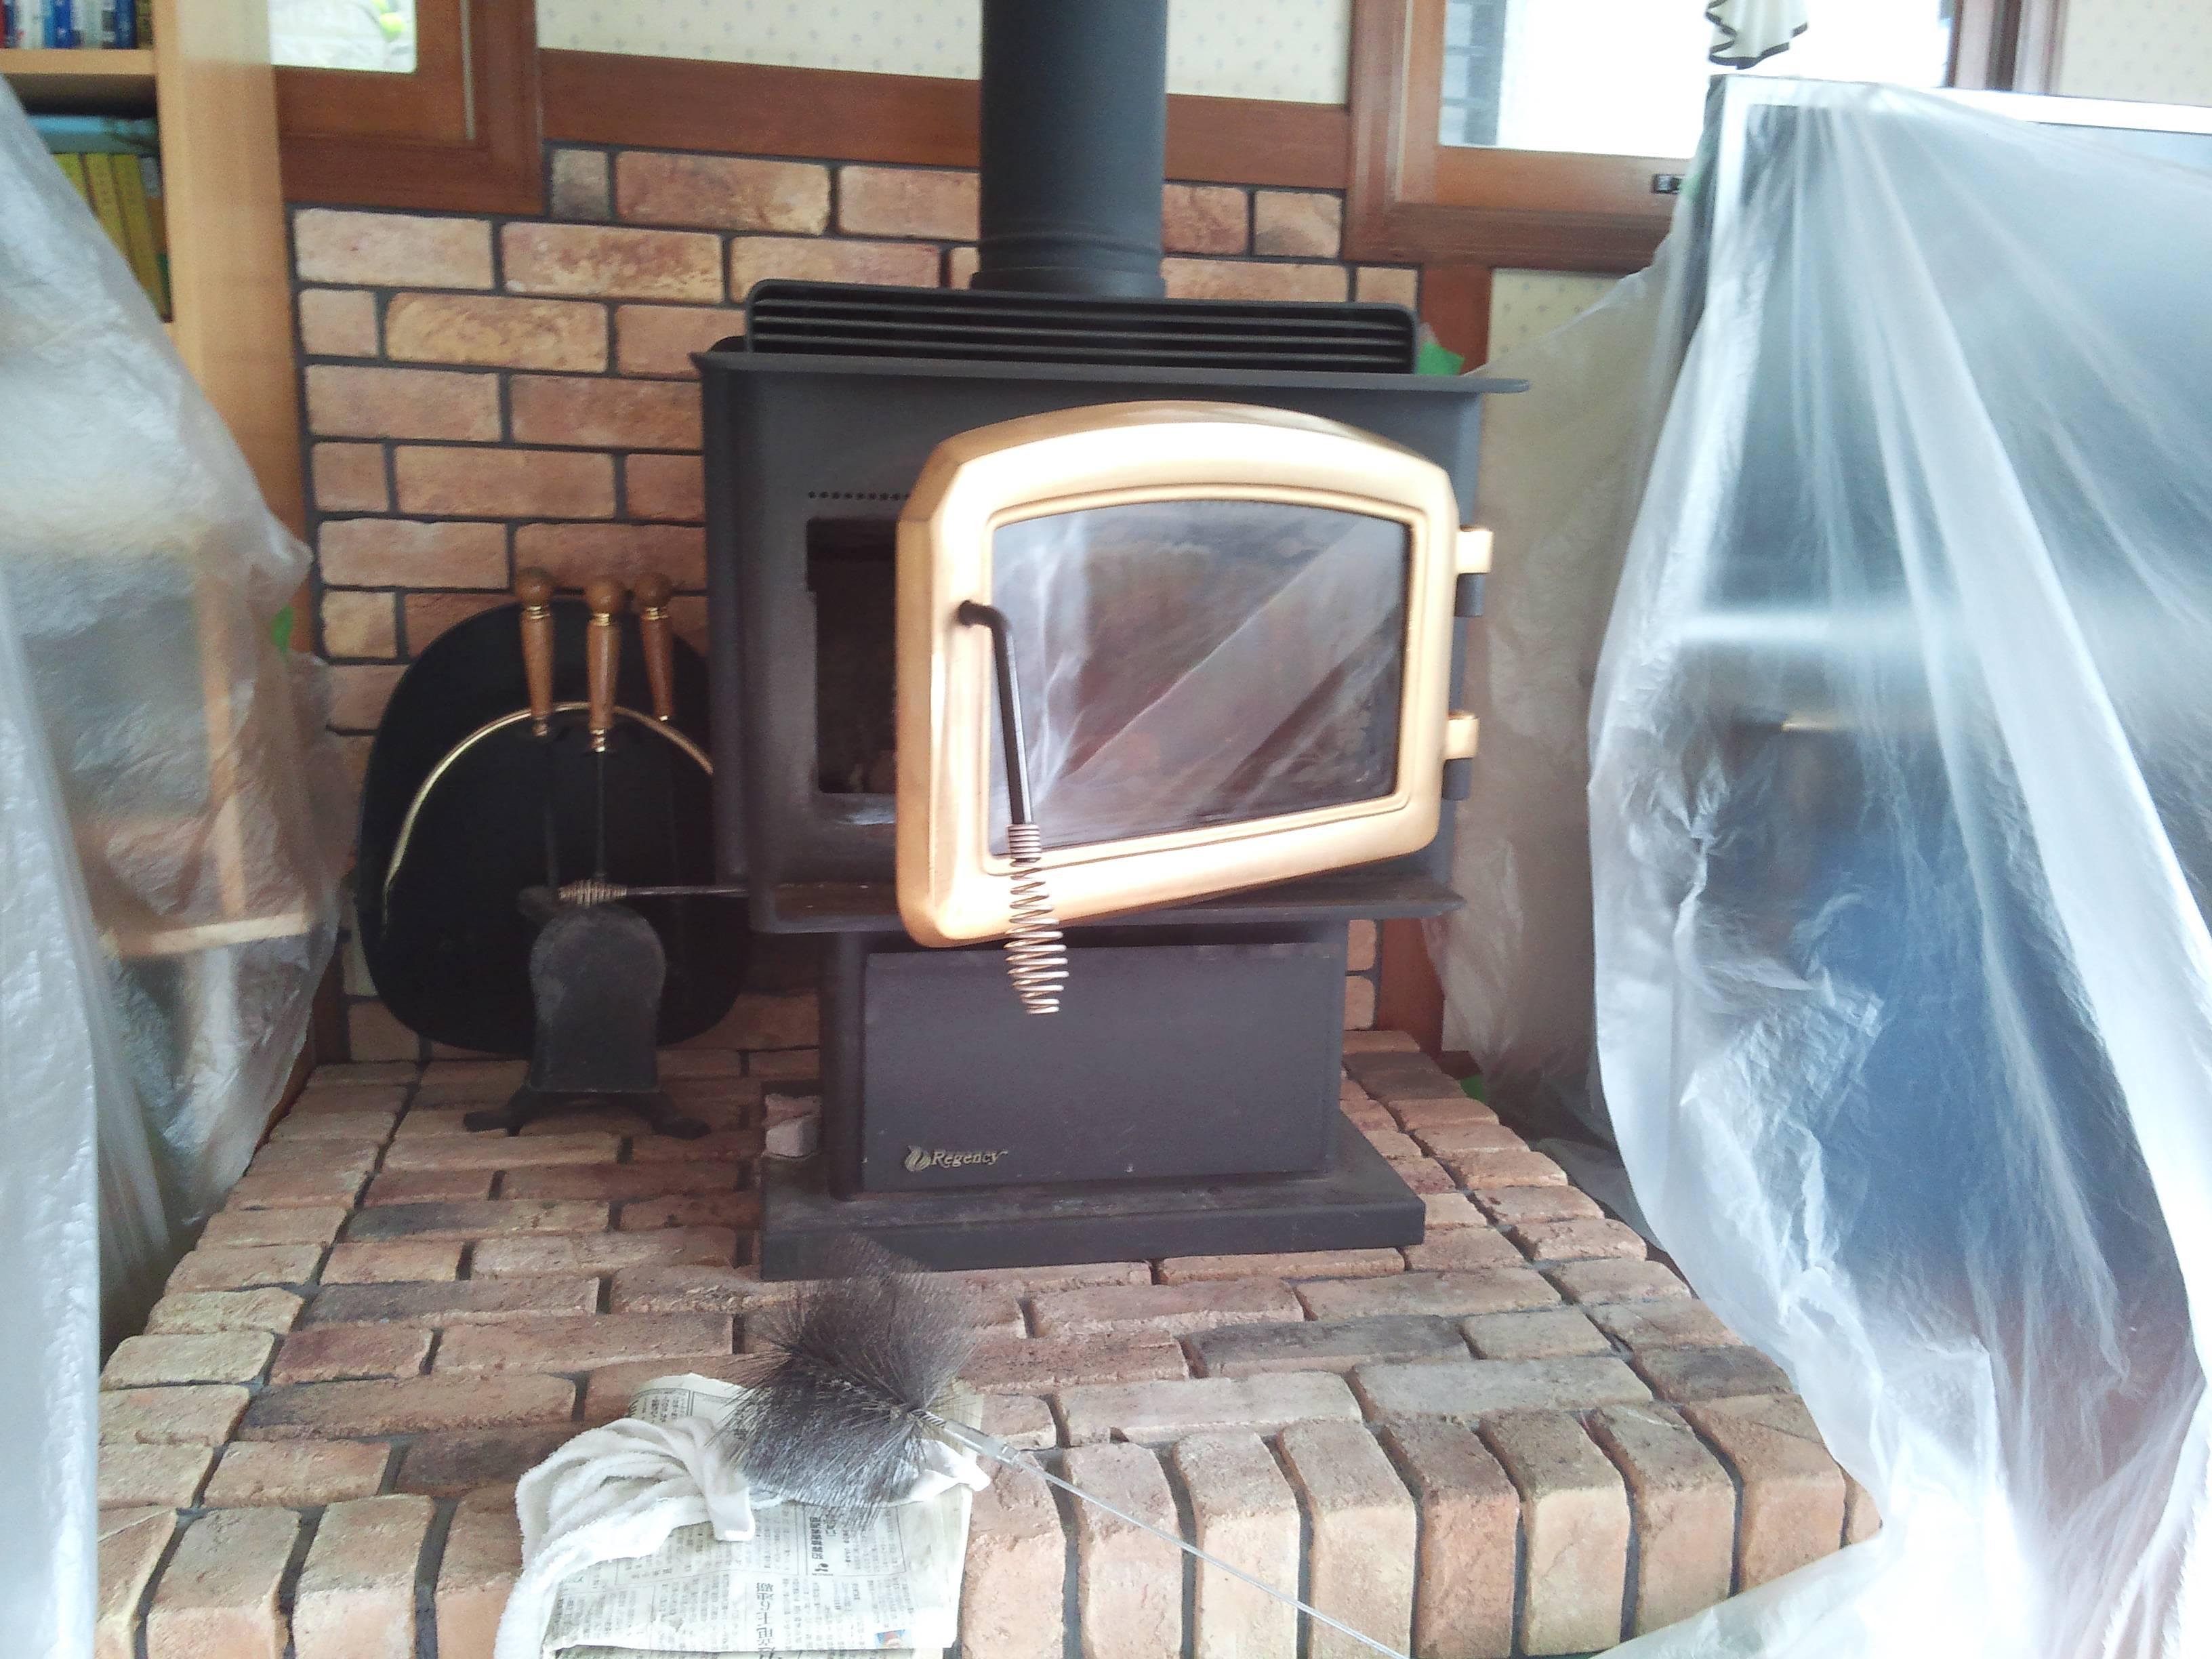 某宅様 薪ストーブ煙突清掃